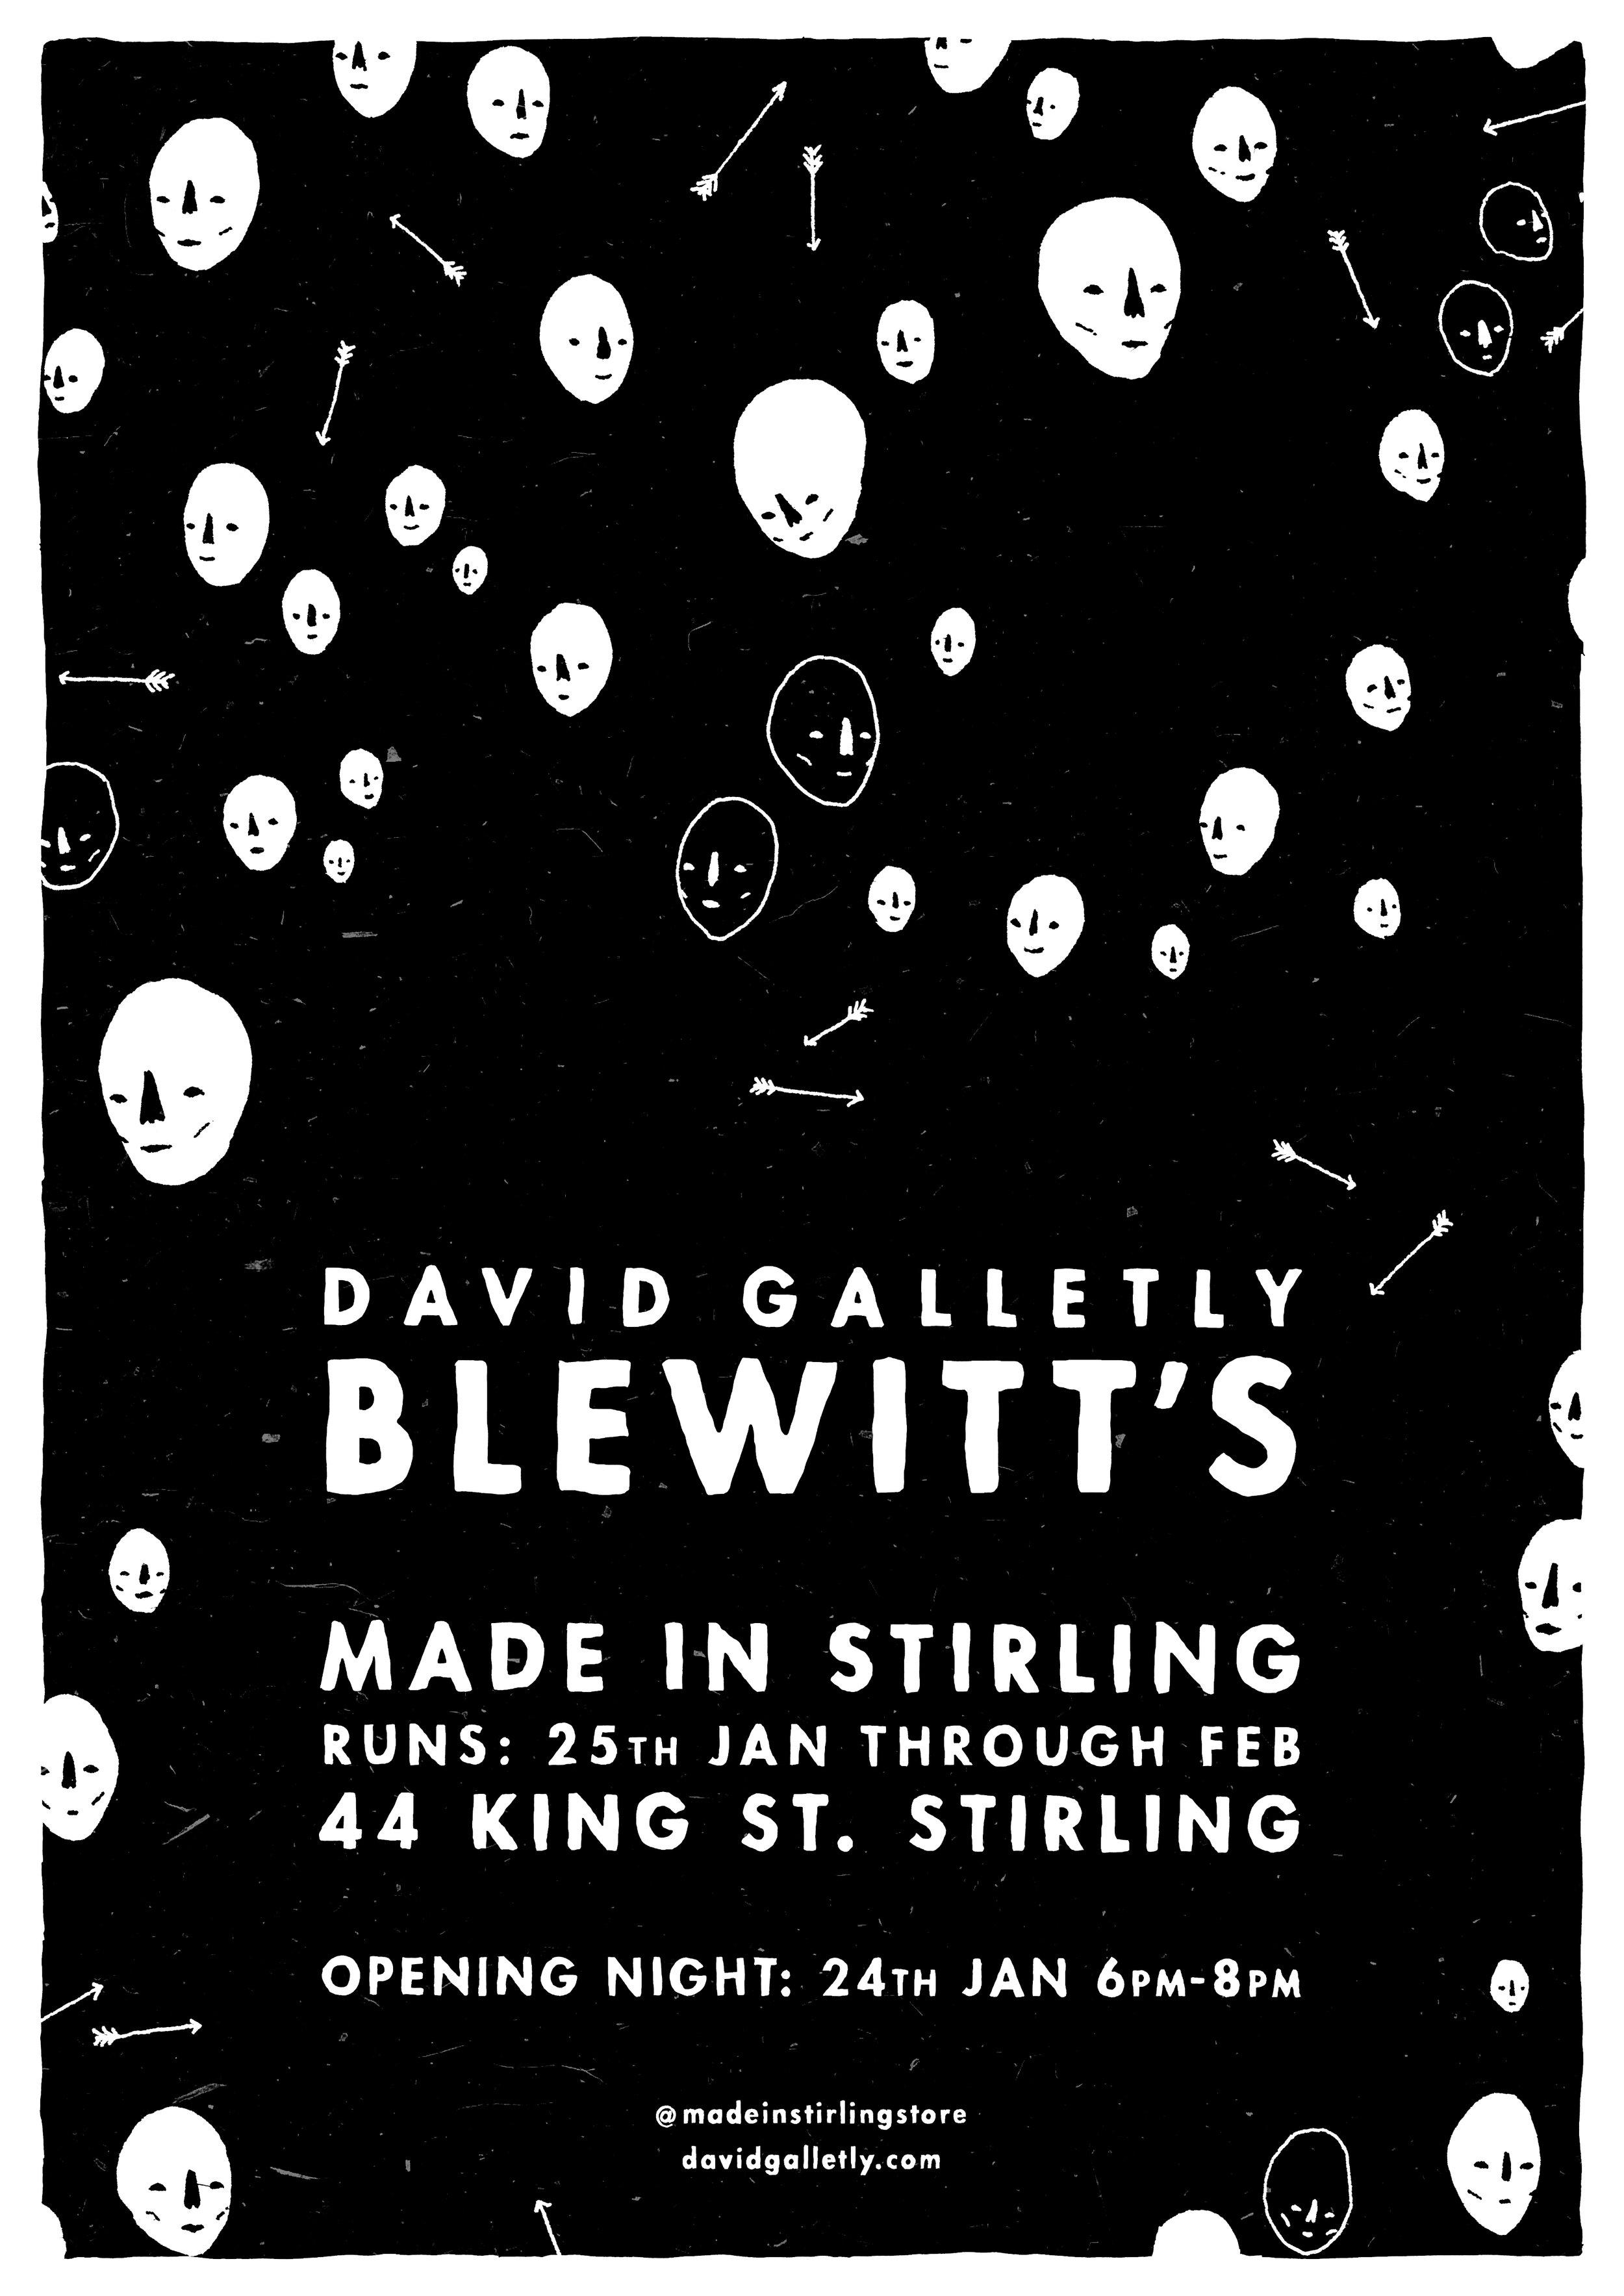 blewitt's-flyer-portrait-large.jpg